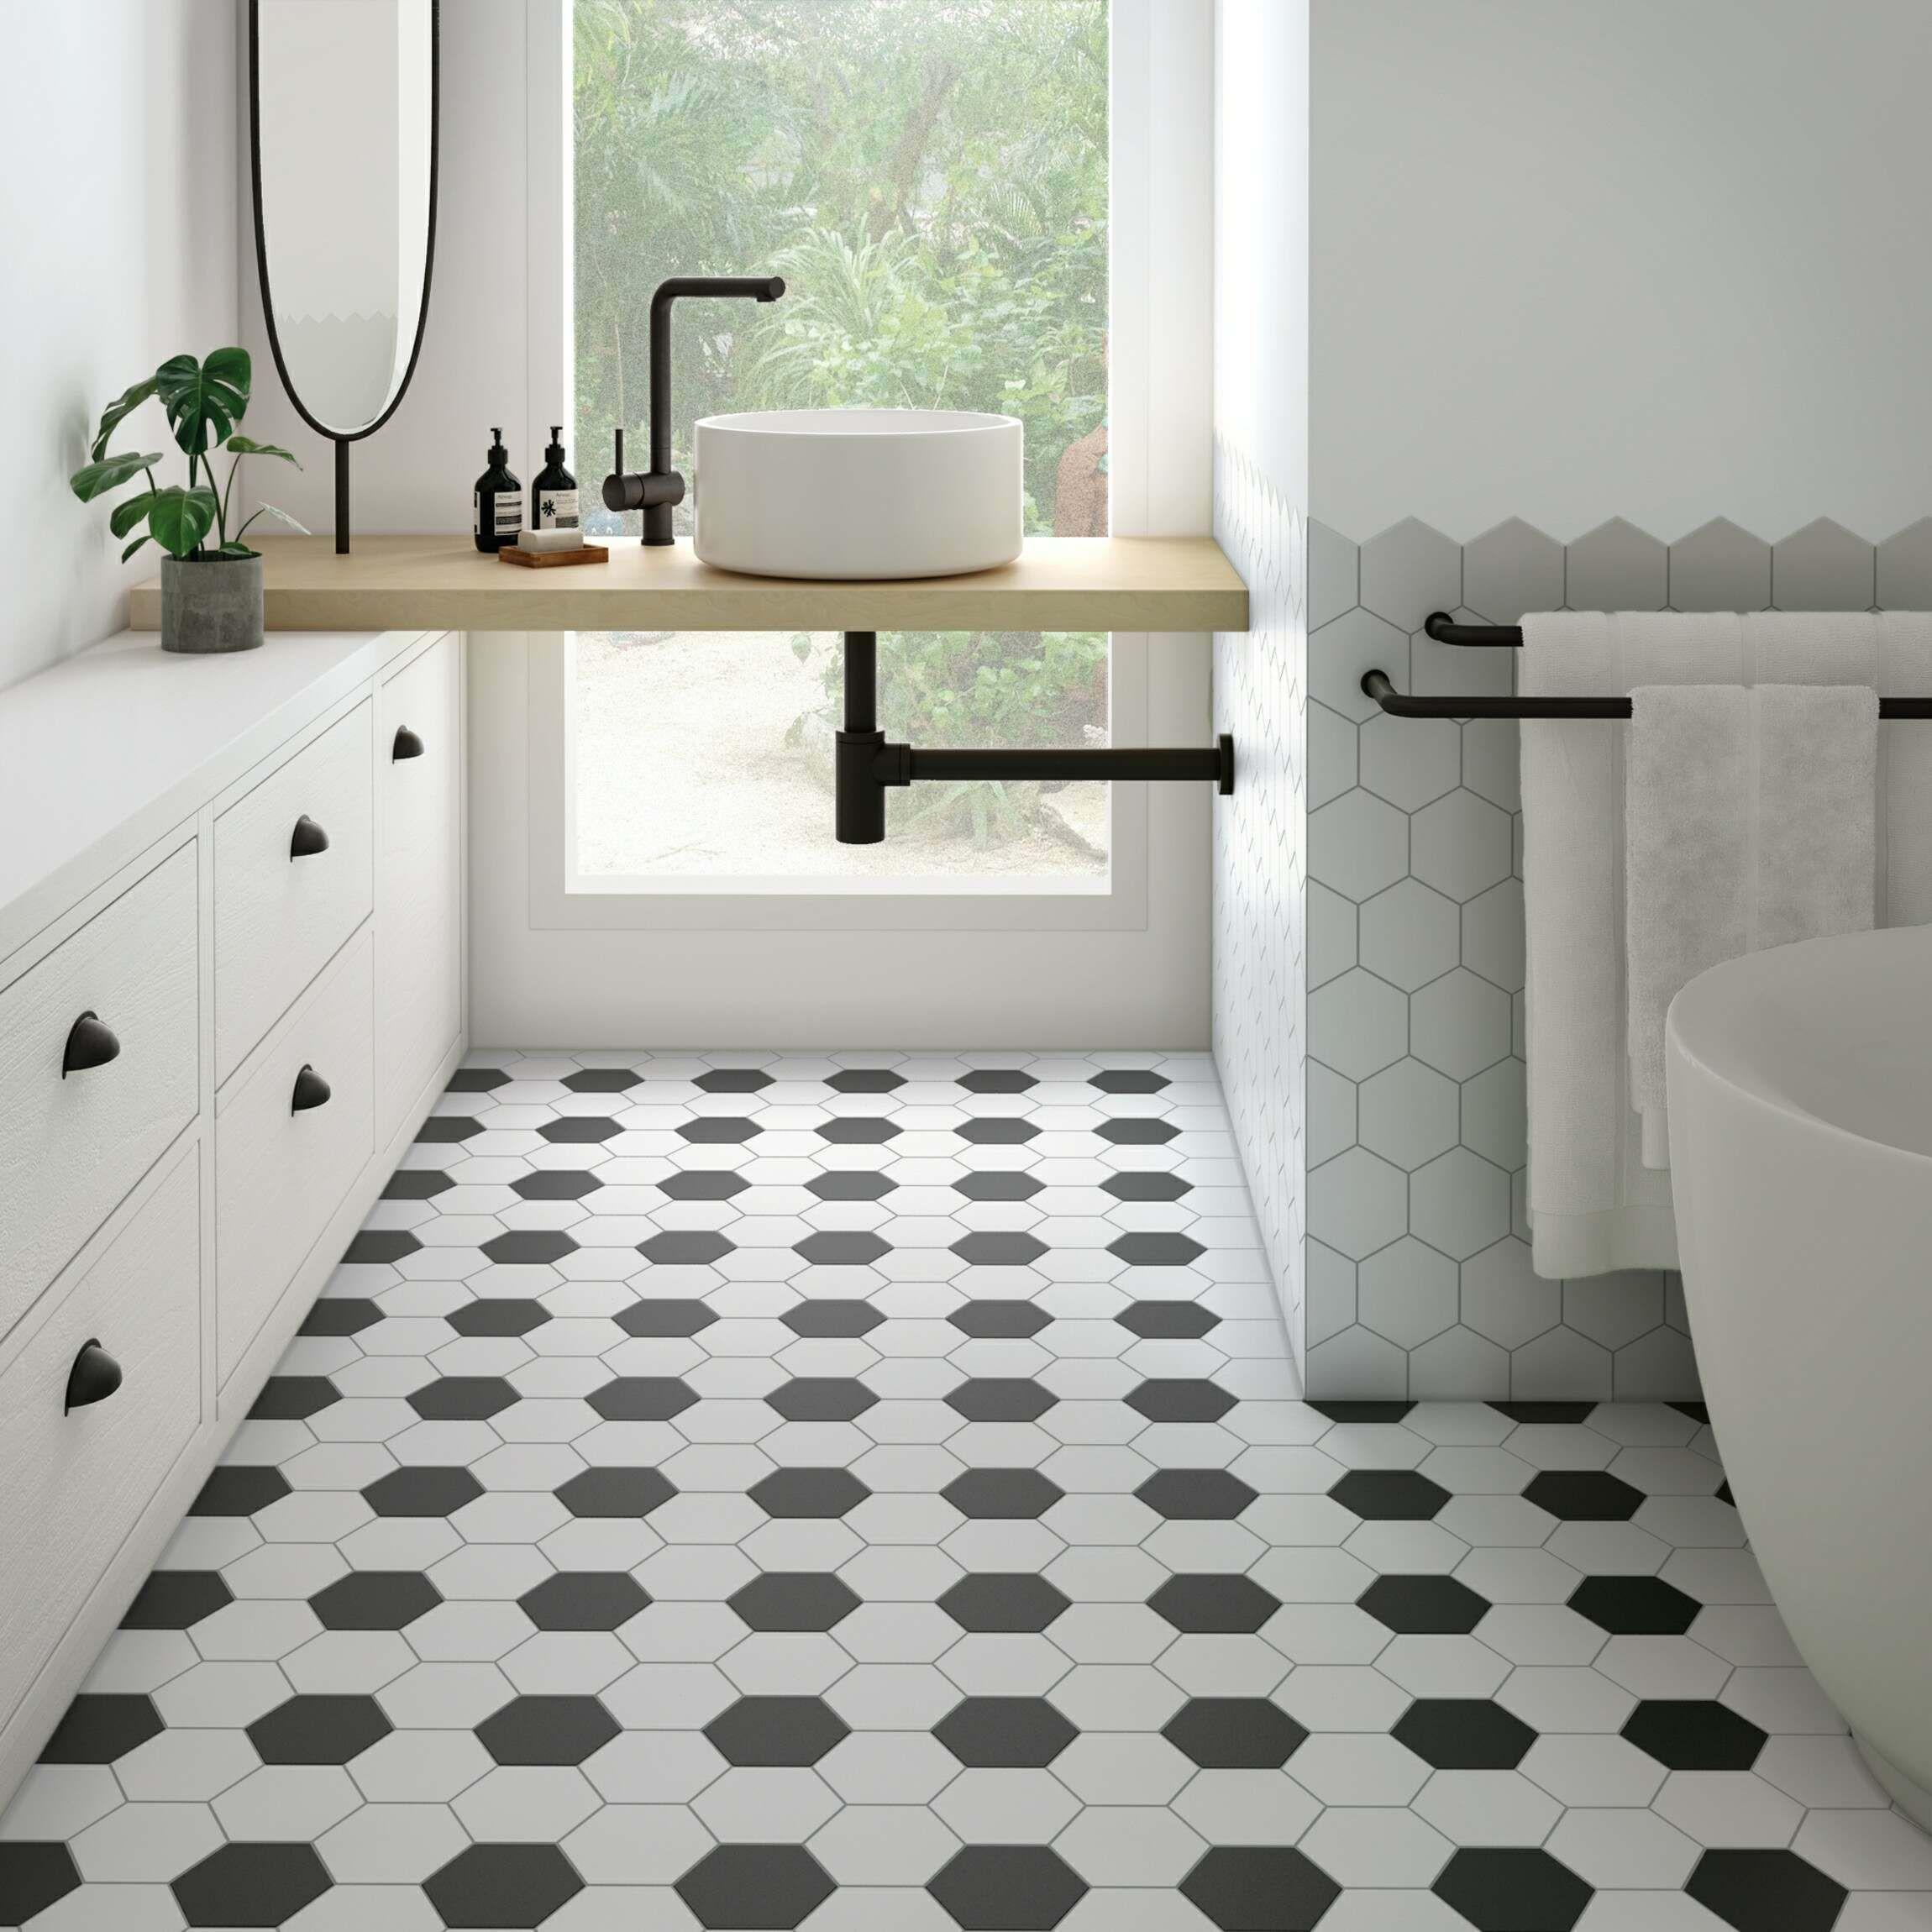 Kromatika Hexagon White Porcelain Wall, Black And White Bathroom Tile